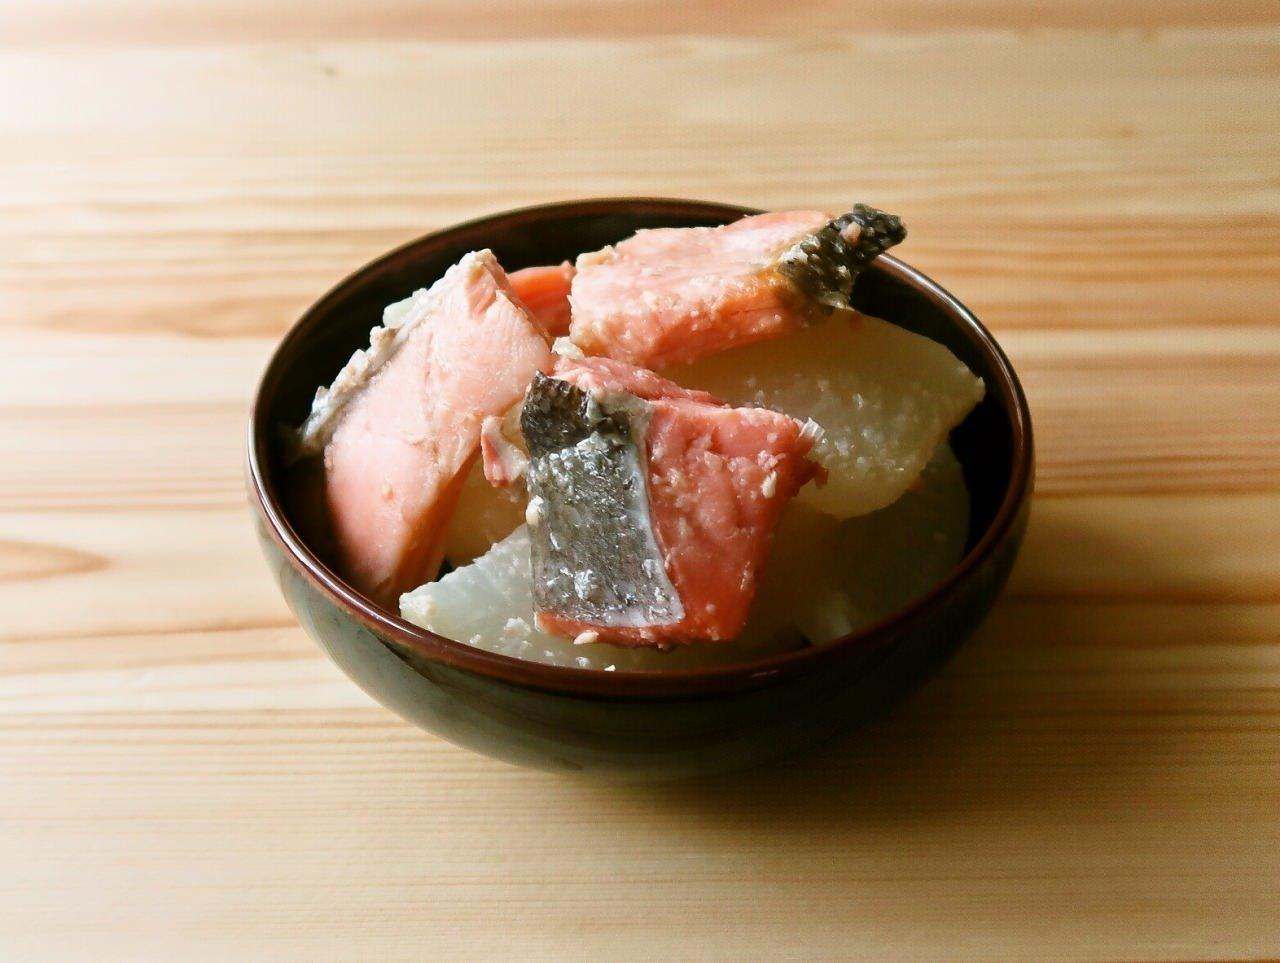 大根と塩鮭のガリバタ煮